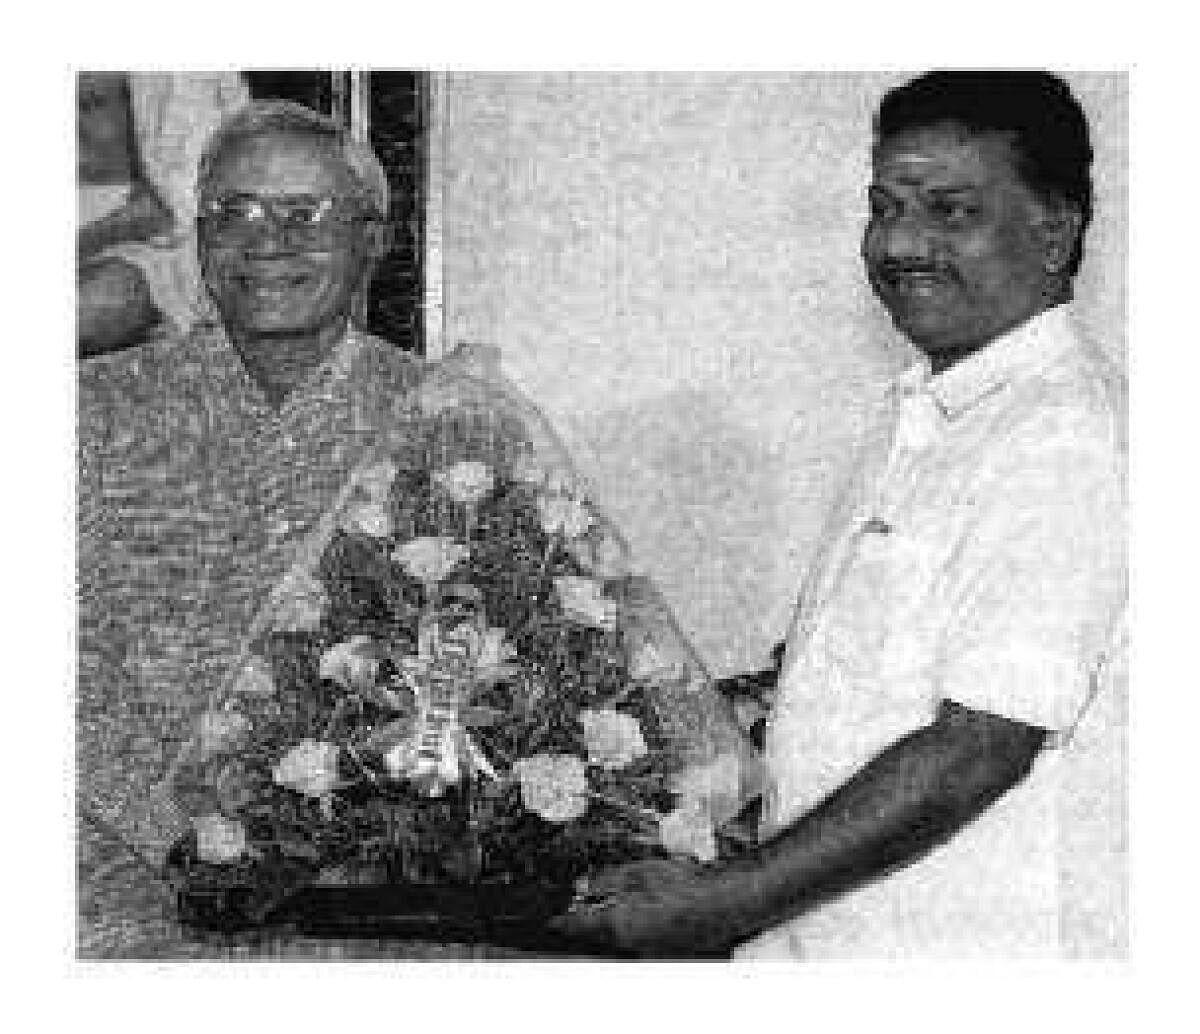 2002-ல் தனது ராஜினாமா கடிதத்தையும், அதிமுக சட்டப்பேரவைத் தலைவராக ஜெயலலிதா தேர்வுசெய்யப்பட்டதற்கான கடிதத்தையும் அப்போதைய ஆளுநர் பி.எஸ்.ராம்மோகன் ராவிடம் அளிக்கிறார் அப்போதைய முதல்வர் ஓ.பன்னீர்செல்வம்.